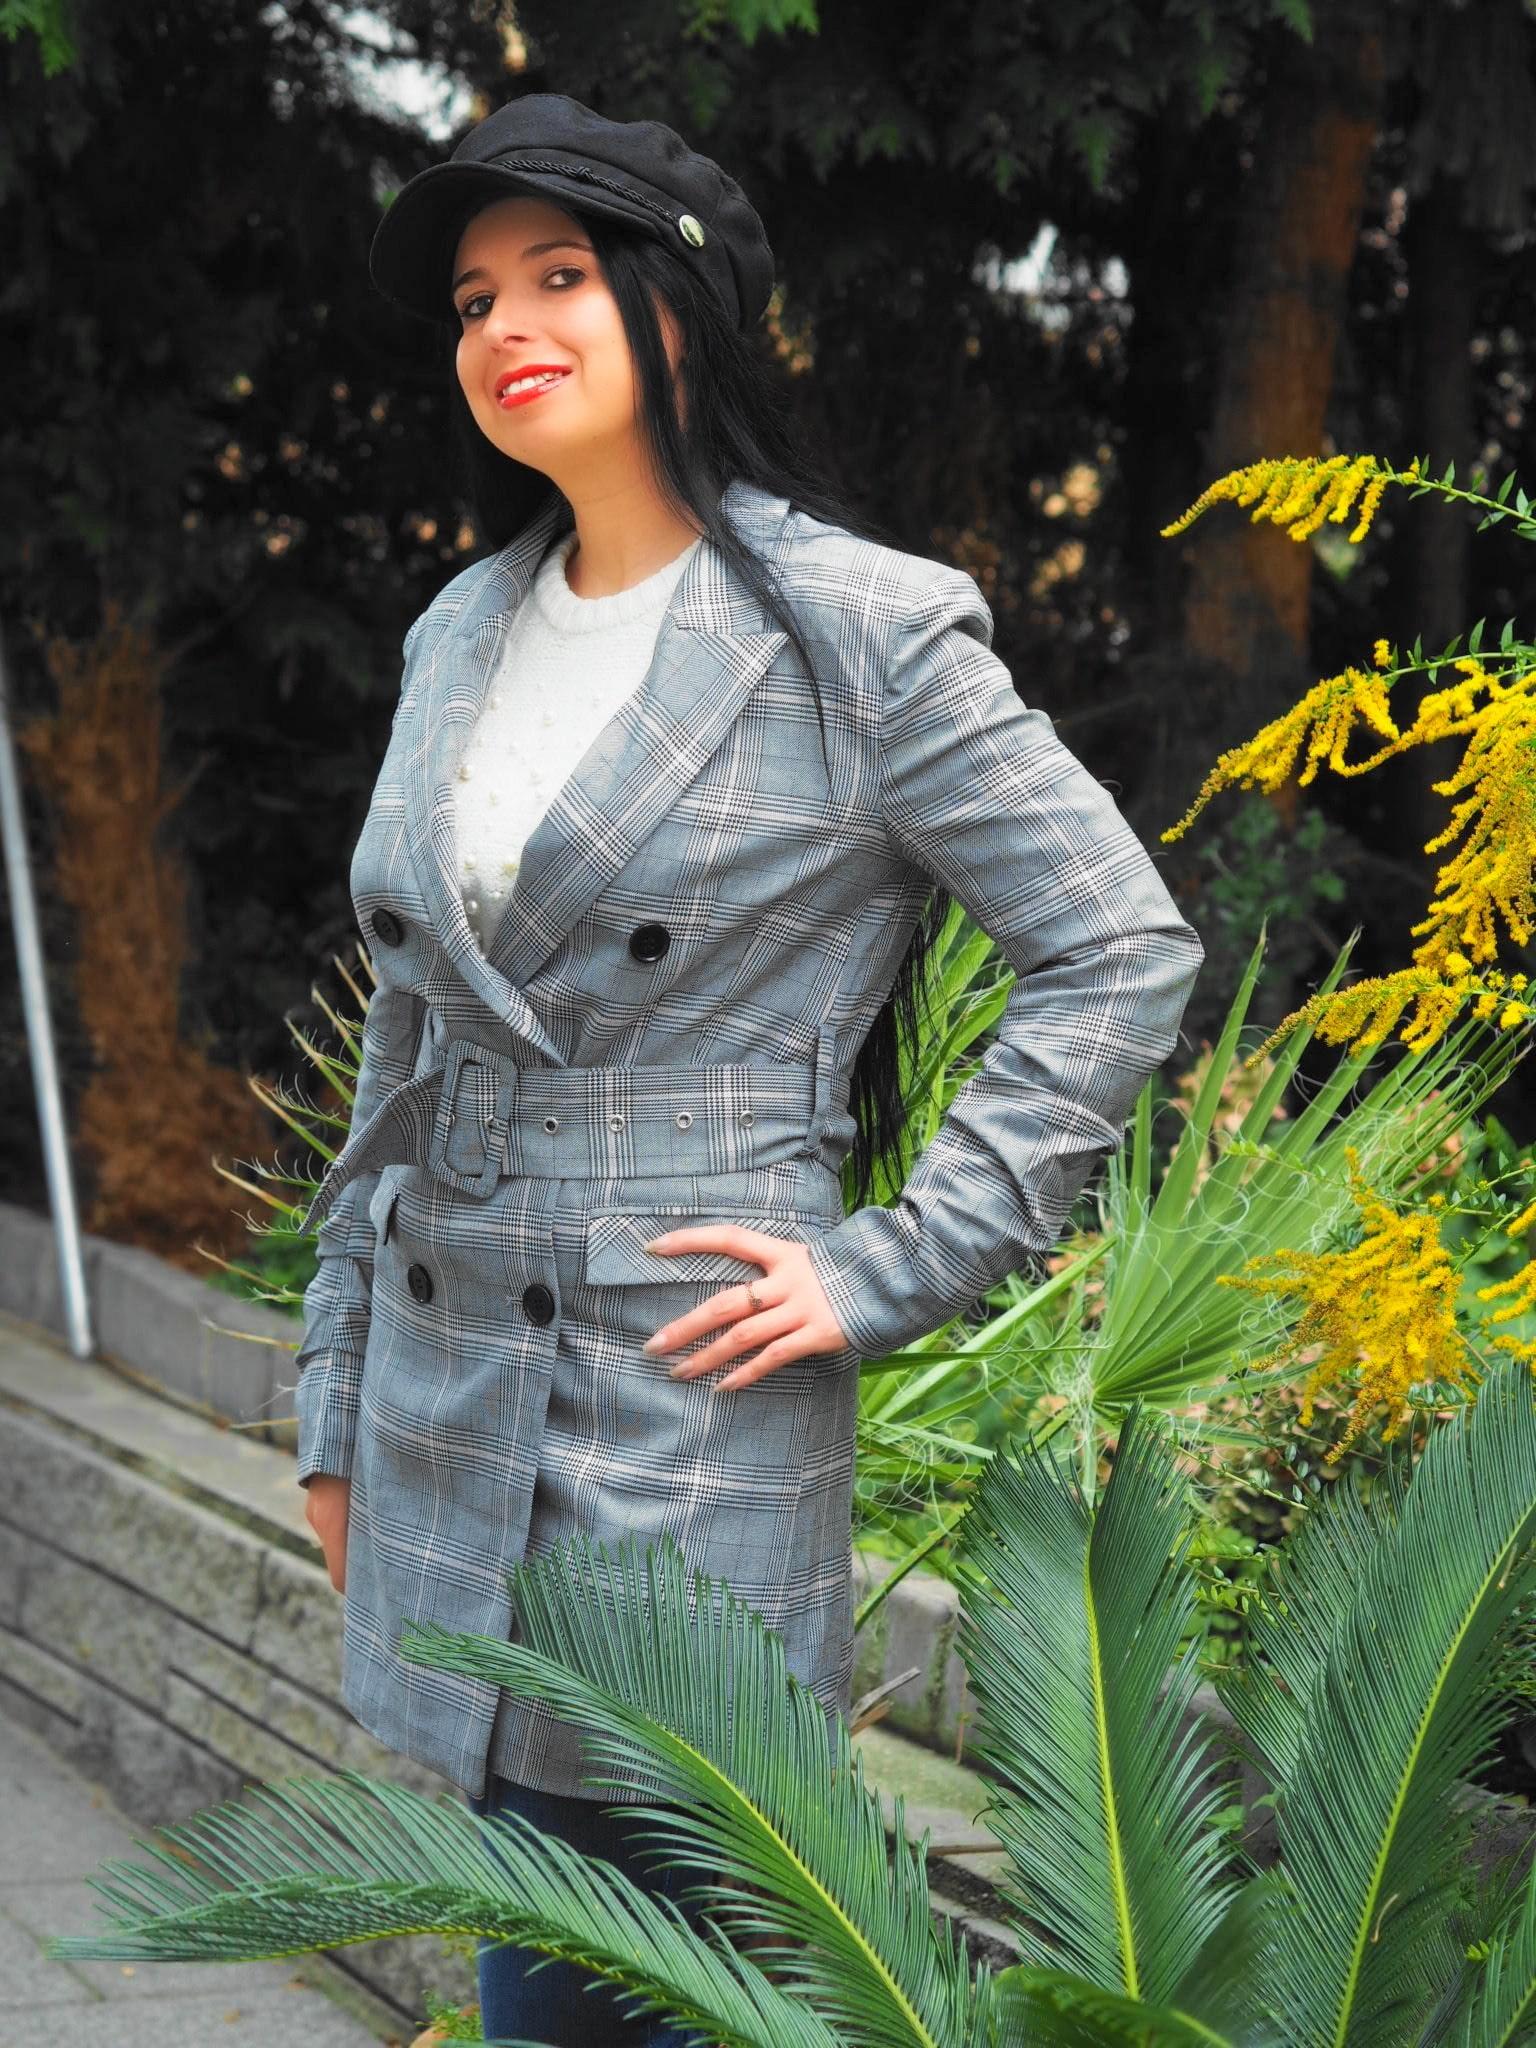 Beim Onlineshopping habe ich coole Herbst-Looks von NA-KD gefunden, wie bspw. der kultige Checkered Blazer von Dilara x NAKD oder einen Faux Fur Leo Mantel